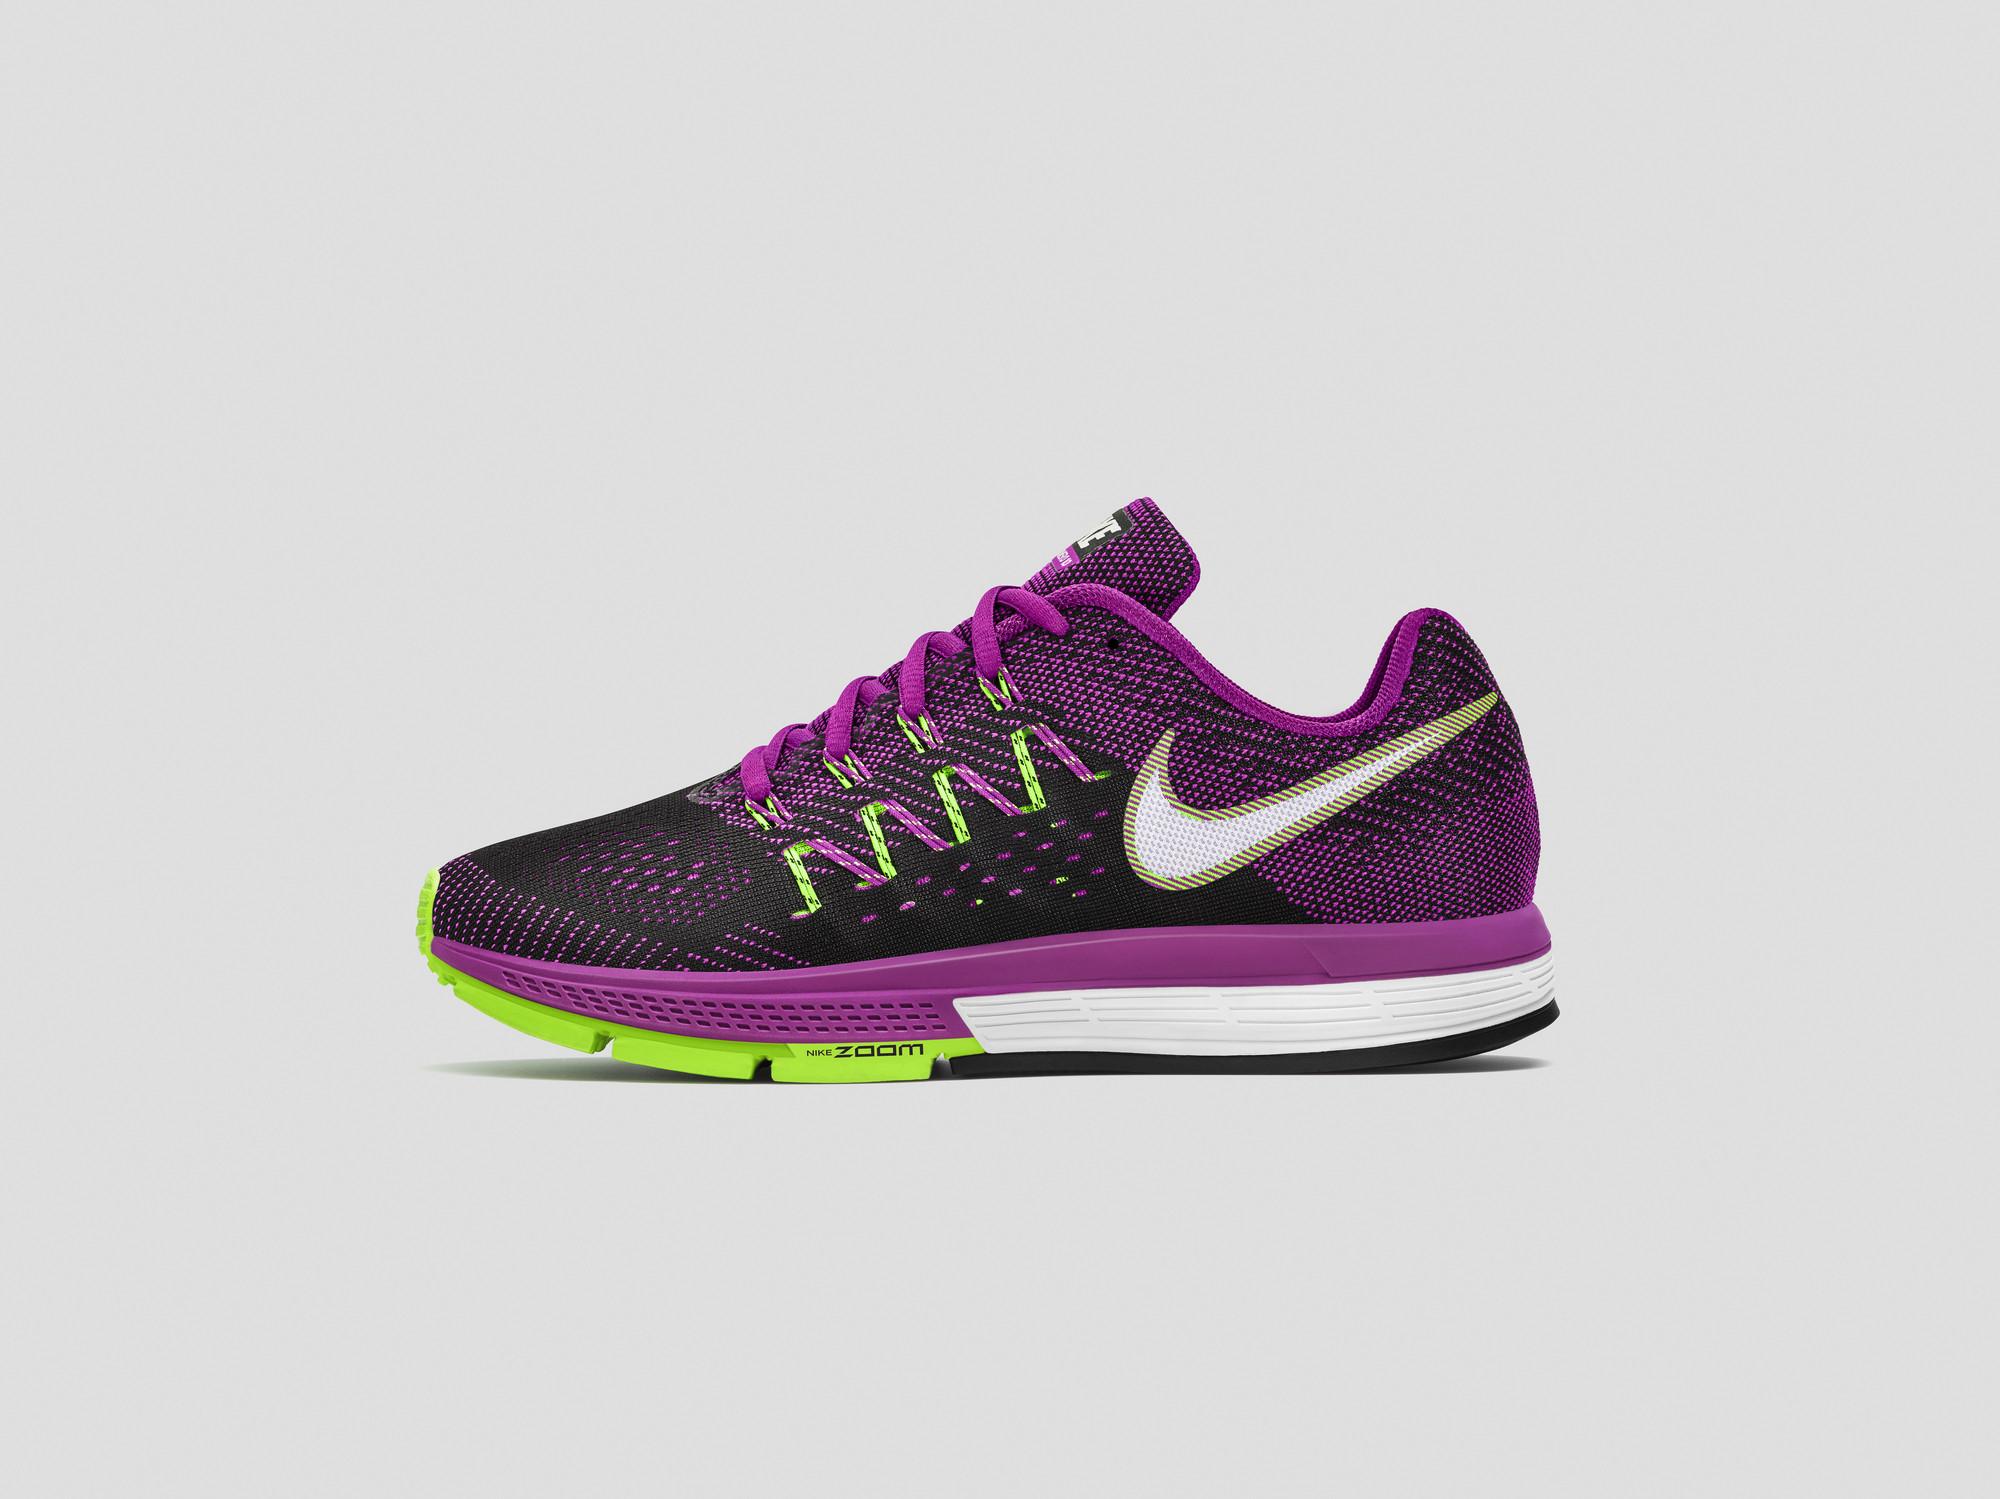 Nike Air Zoom Vomero 10 Women's Running Shoes SU15 Womens Pink